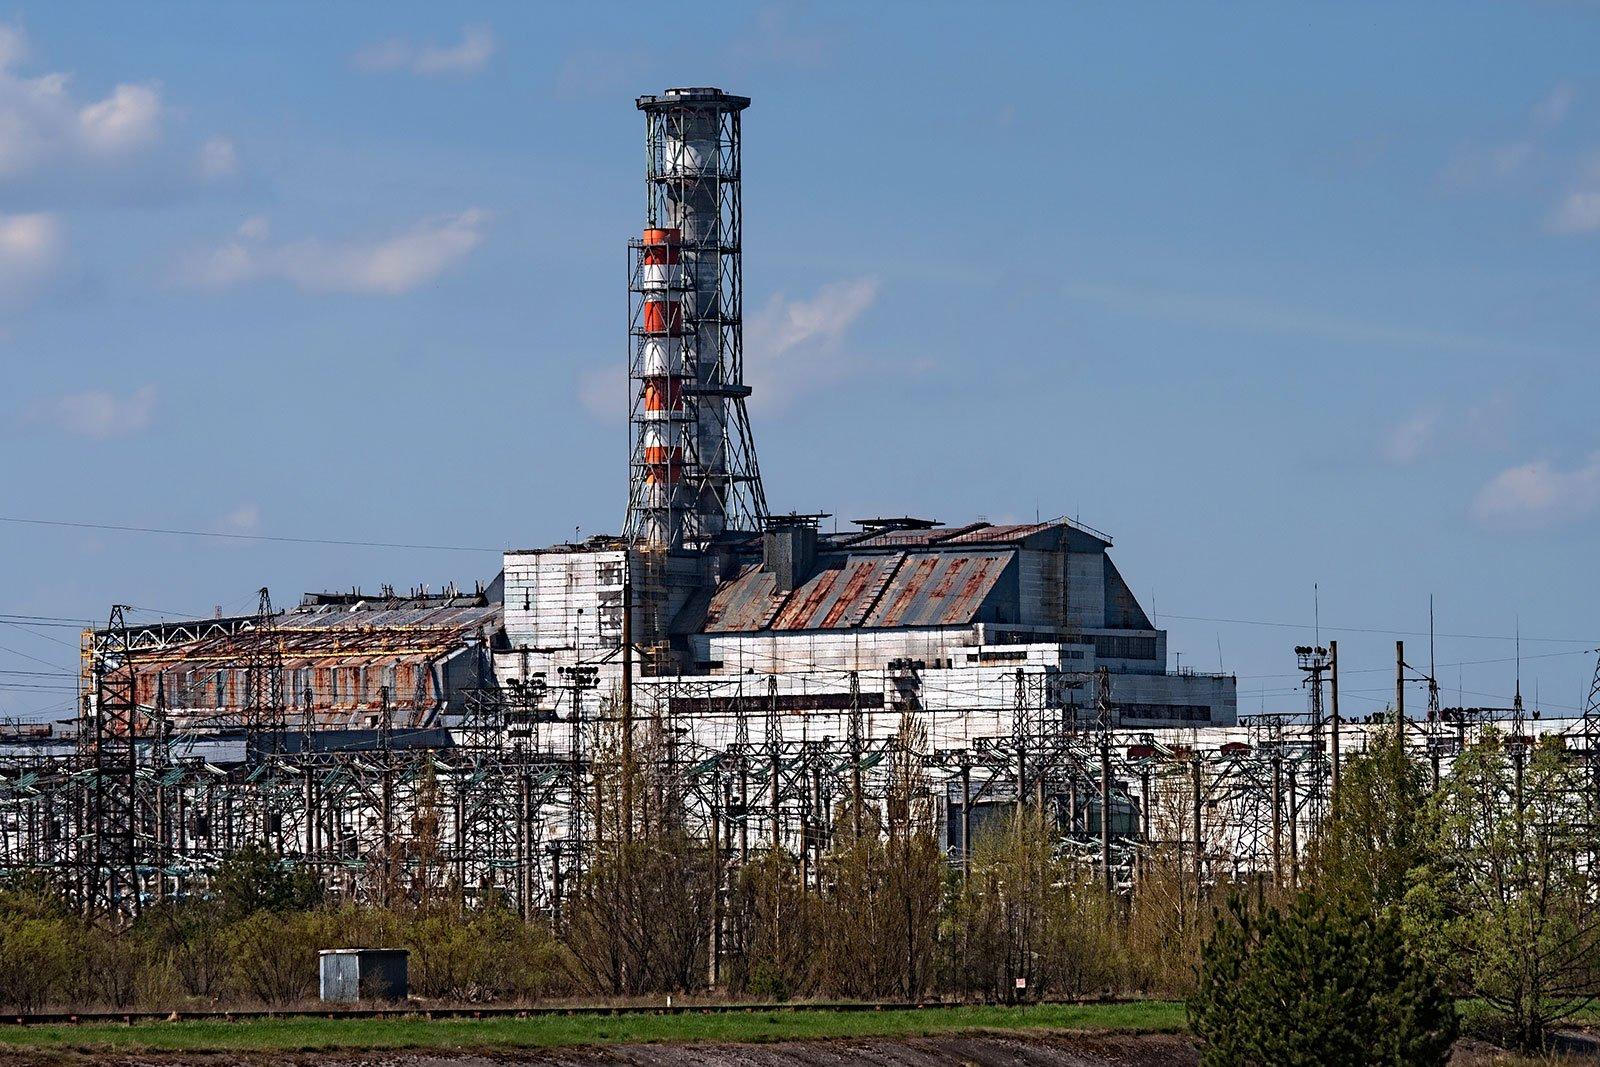 chernobyl - photo #23